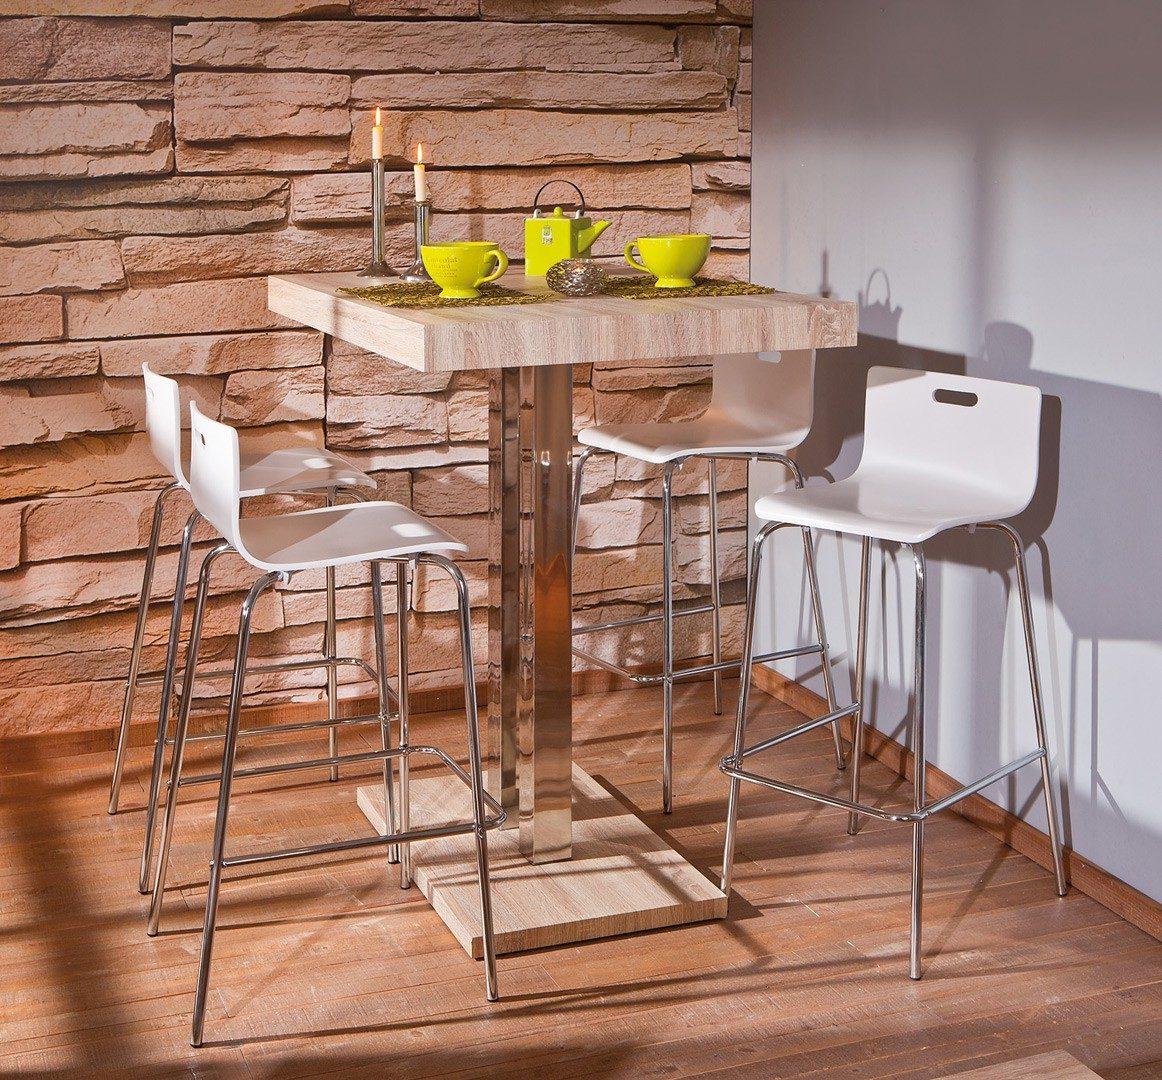 Mesa de cocina alta con pedestal :: Imágenes y fotos